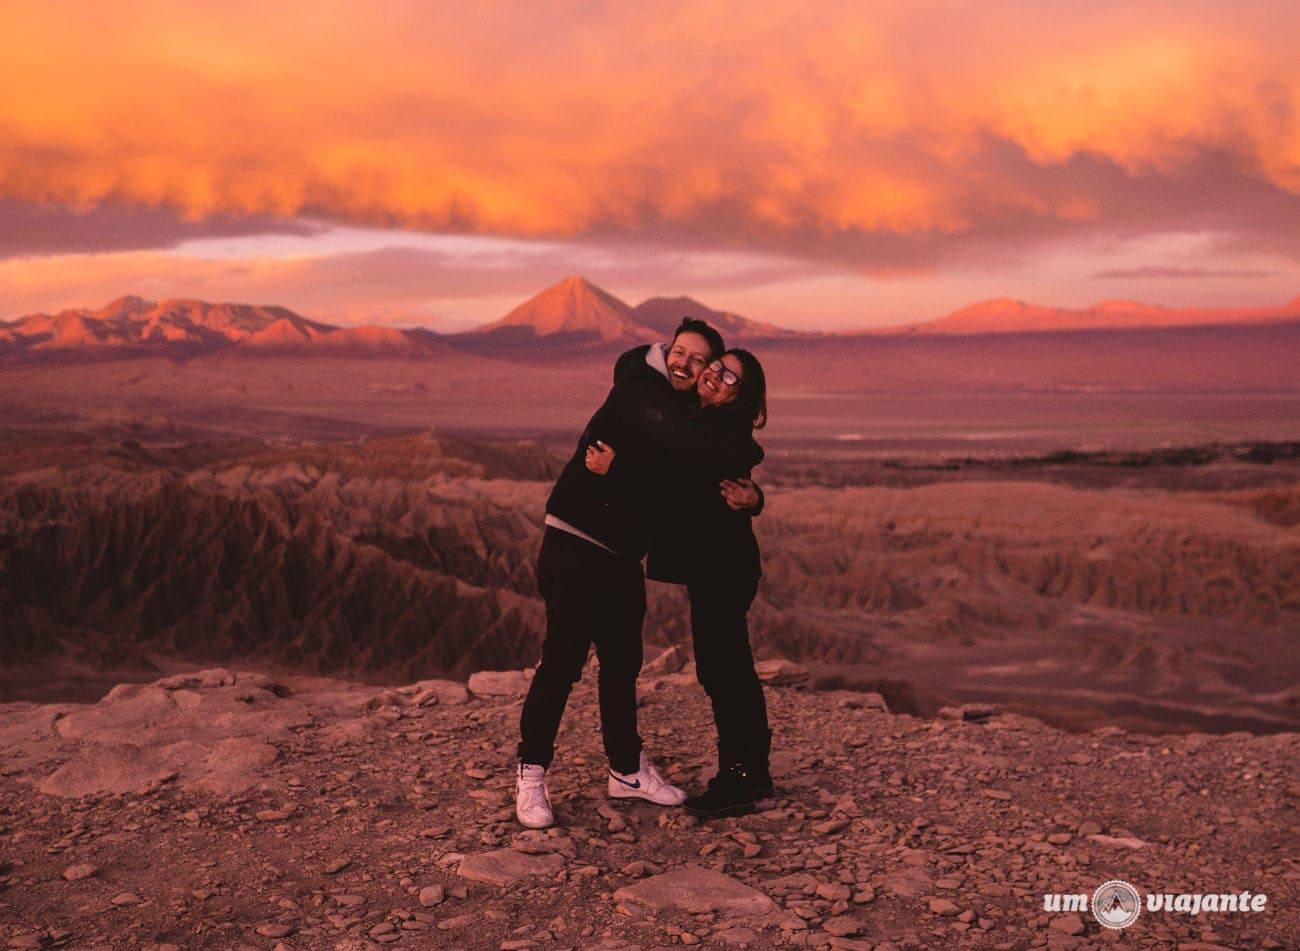 Eu e minha mãe no Deserto do Atacama - FlaviaBia